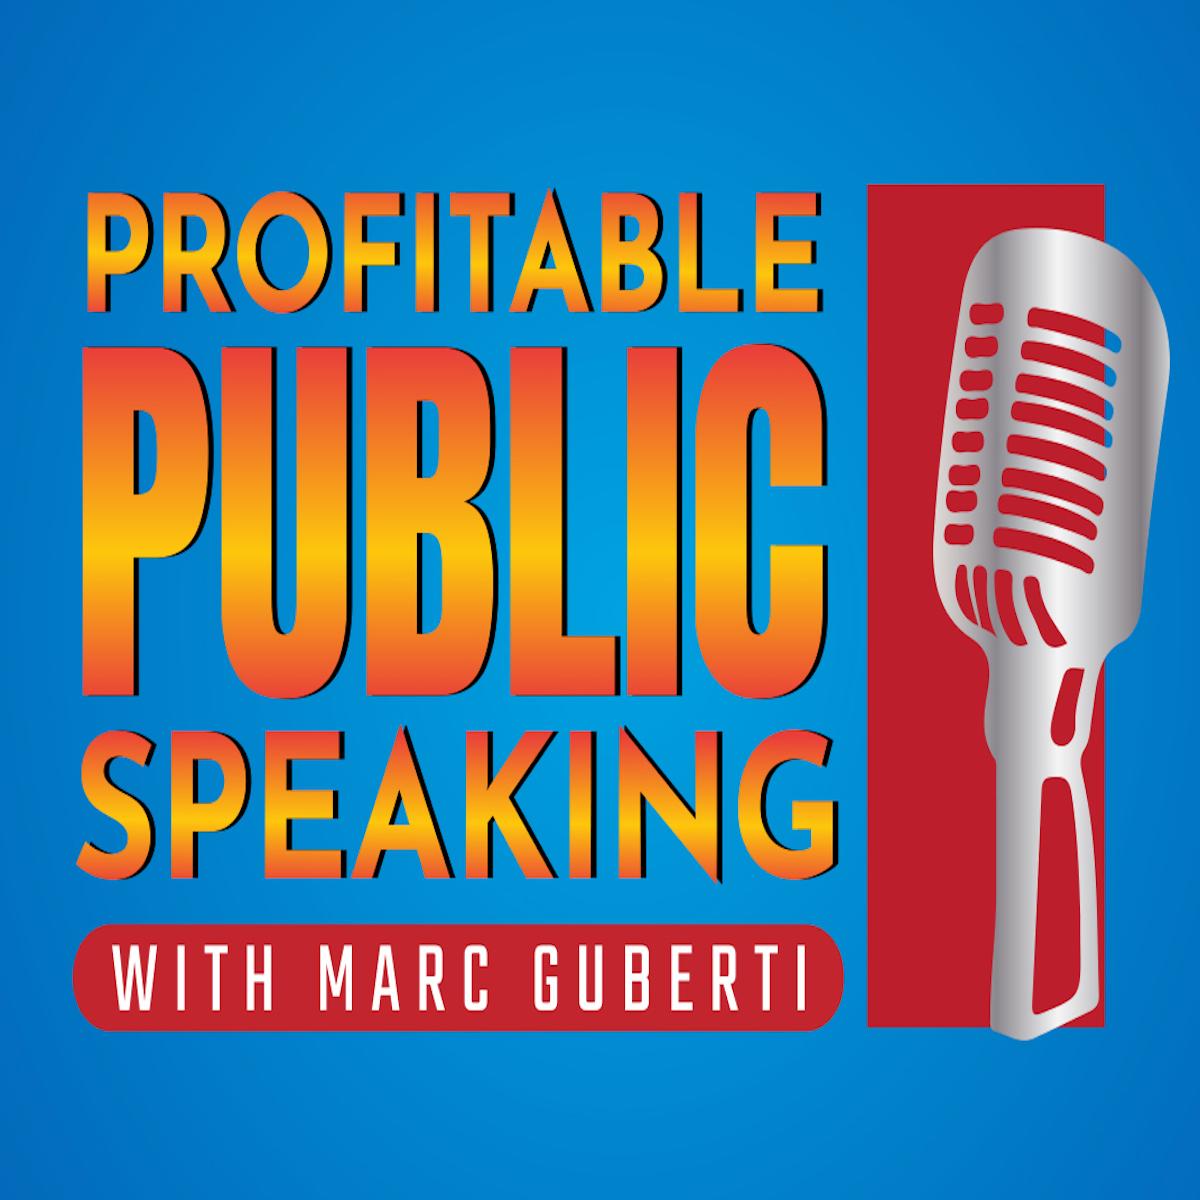 Profitable Public Speaking show image